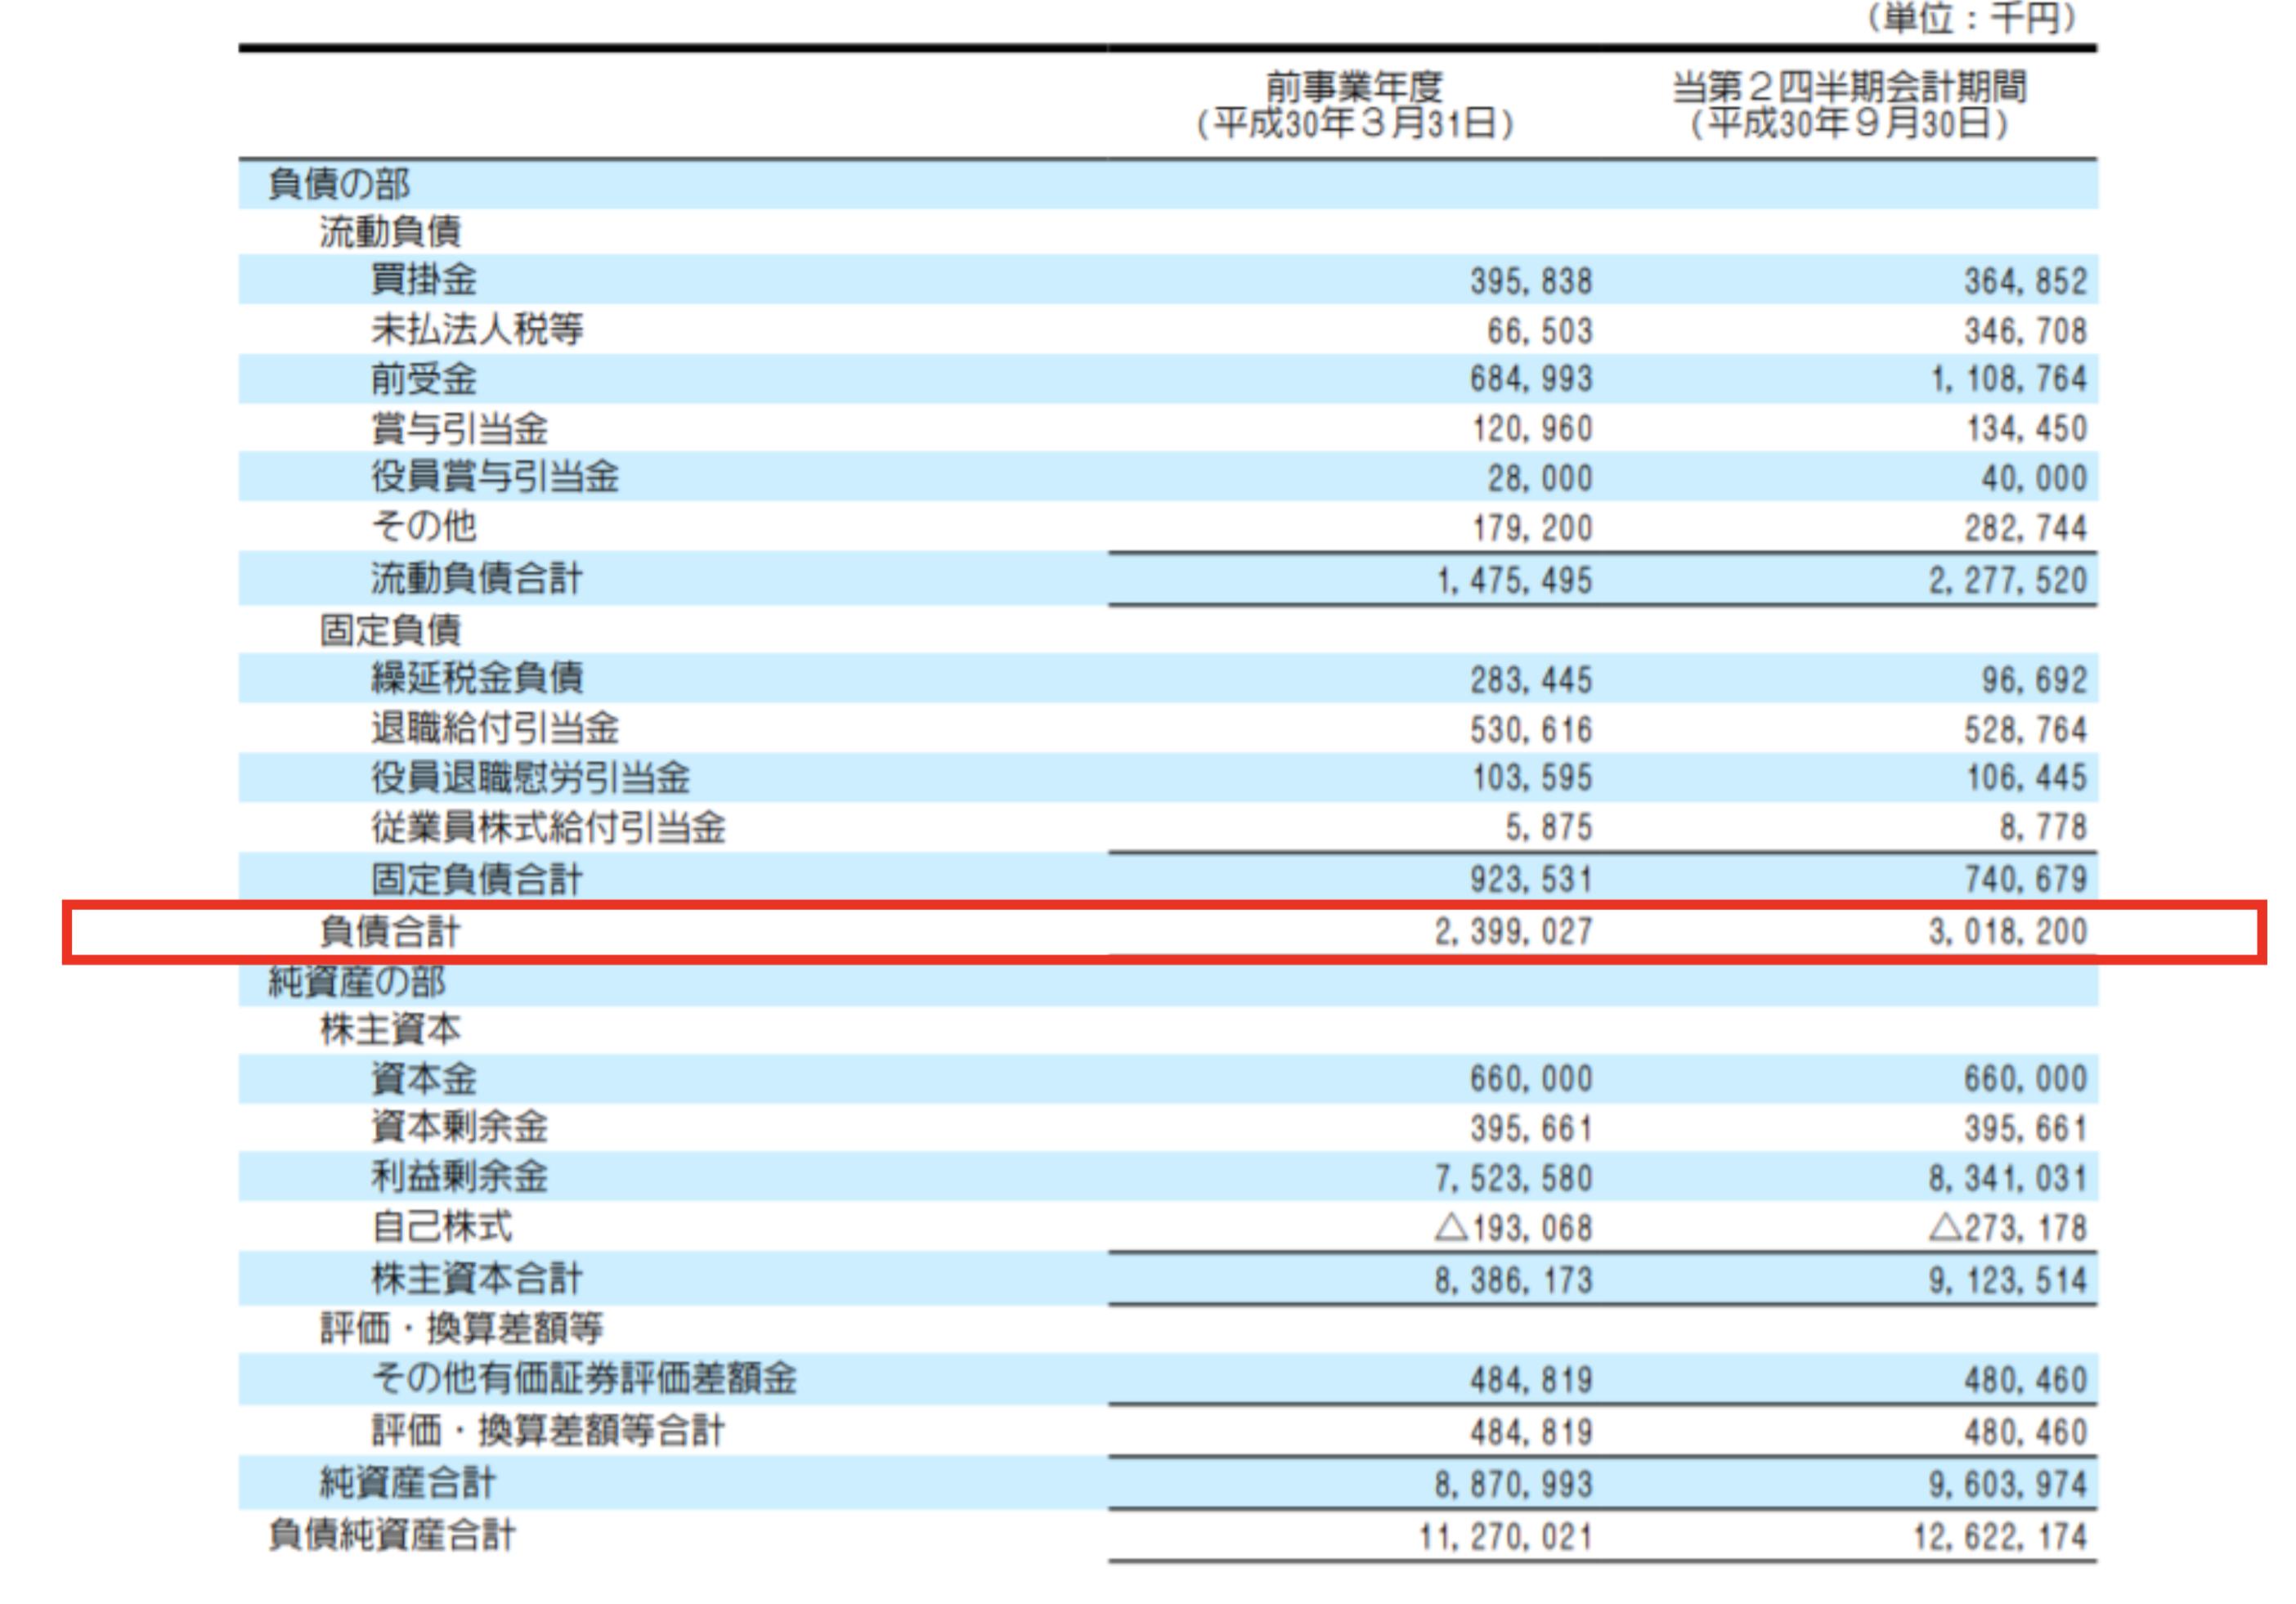 キクカワエンタープライズ社の利益確定時の負債